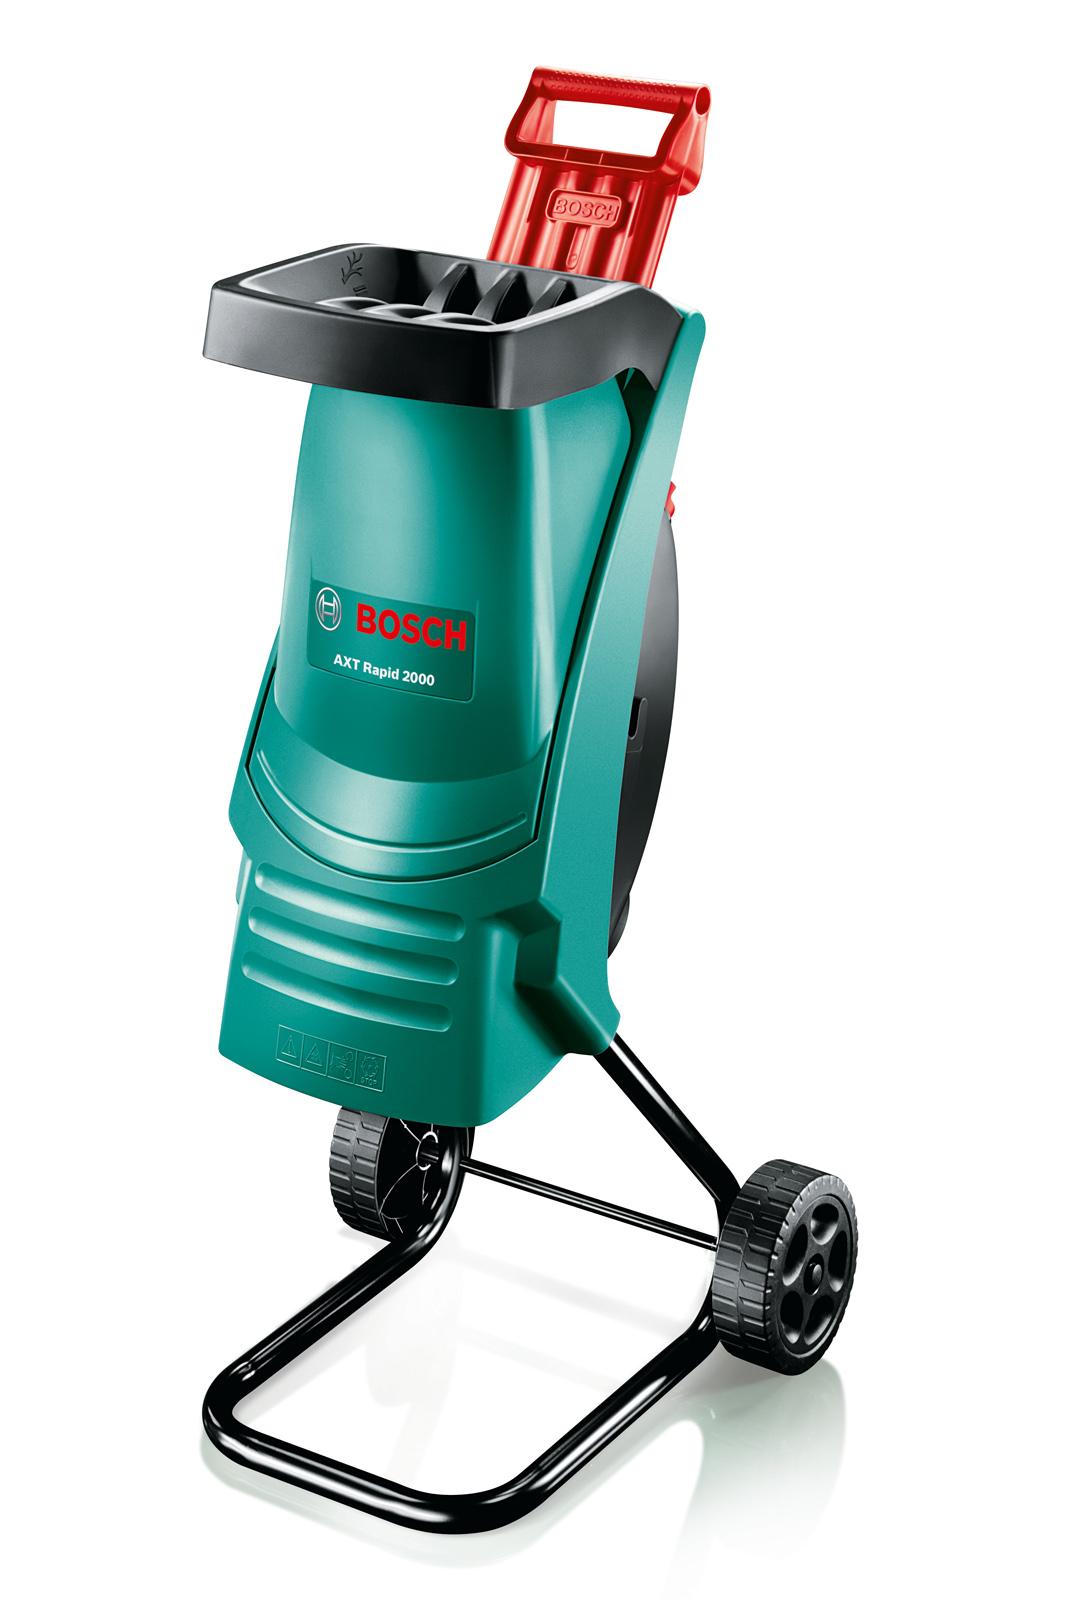 Купить со скидкой Садовый измельчитель Bosch Axt rapid 2000 (0.600.853.500)